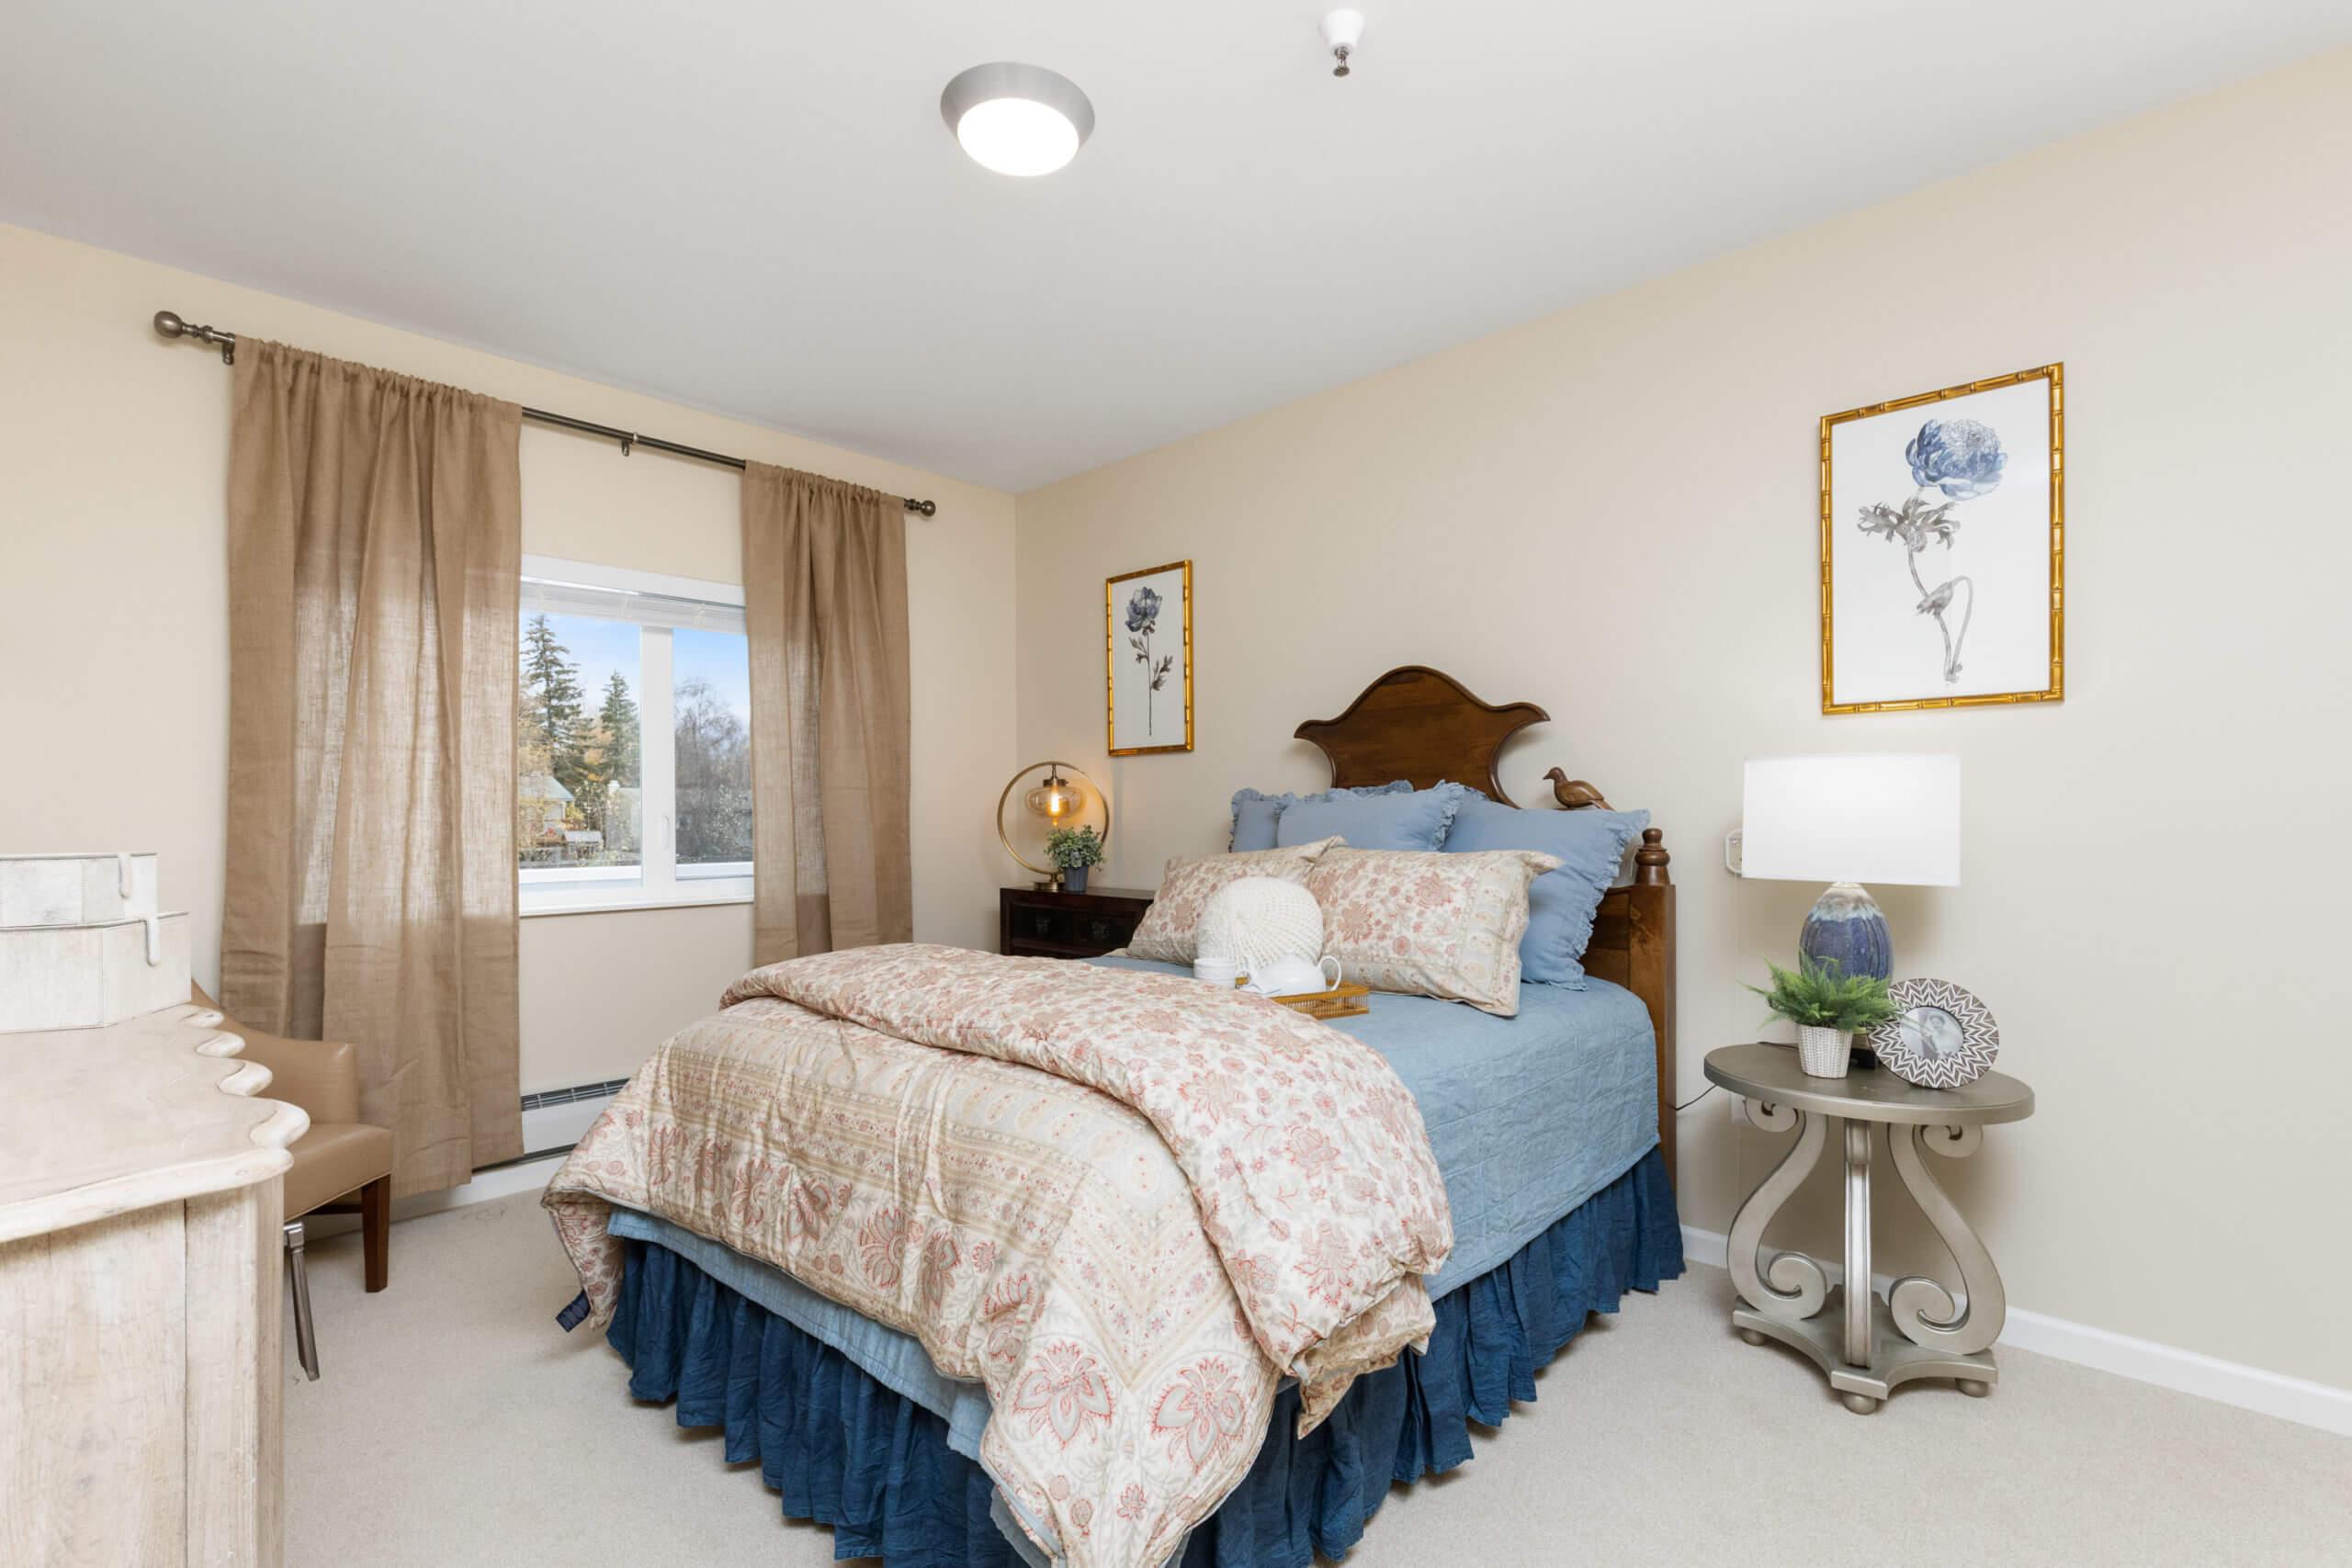 Baxter Senior Living Assisted Living - 1 Bedroom